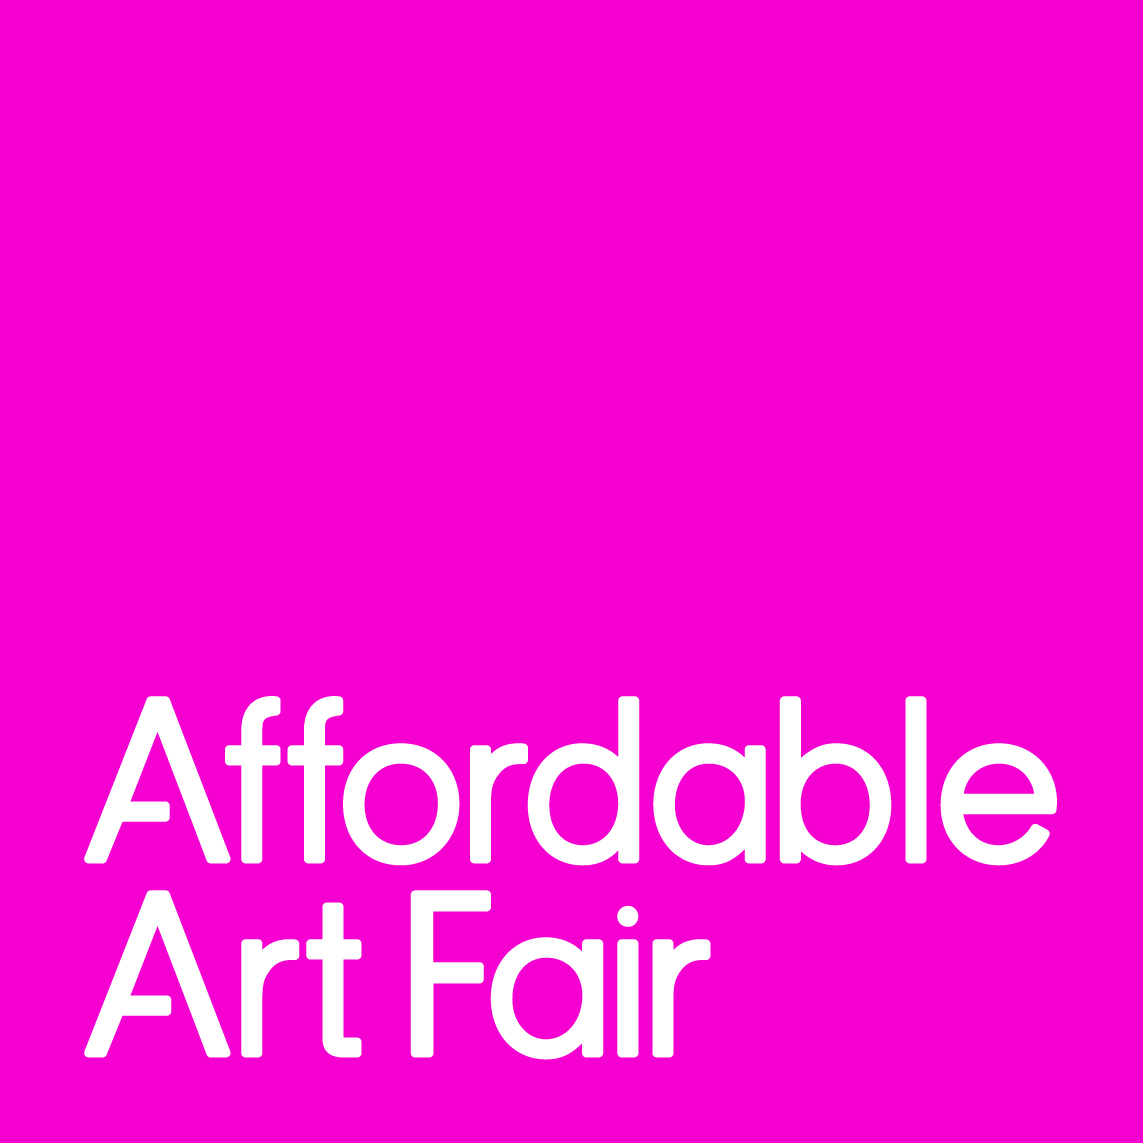 Affordable Art Fair